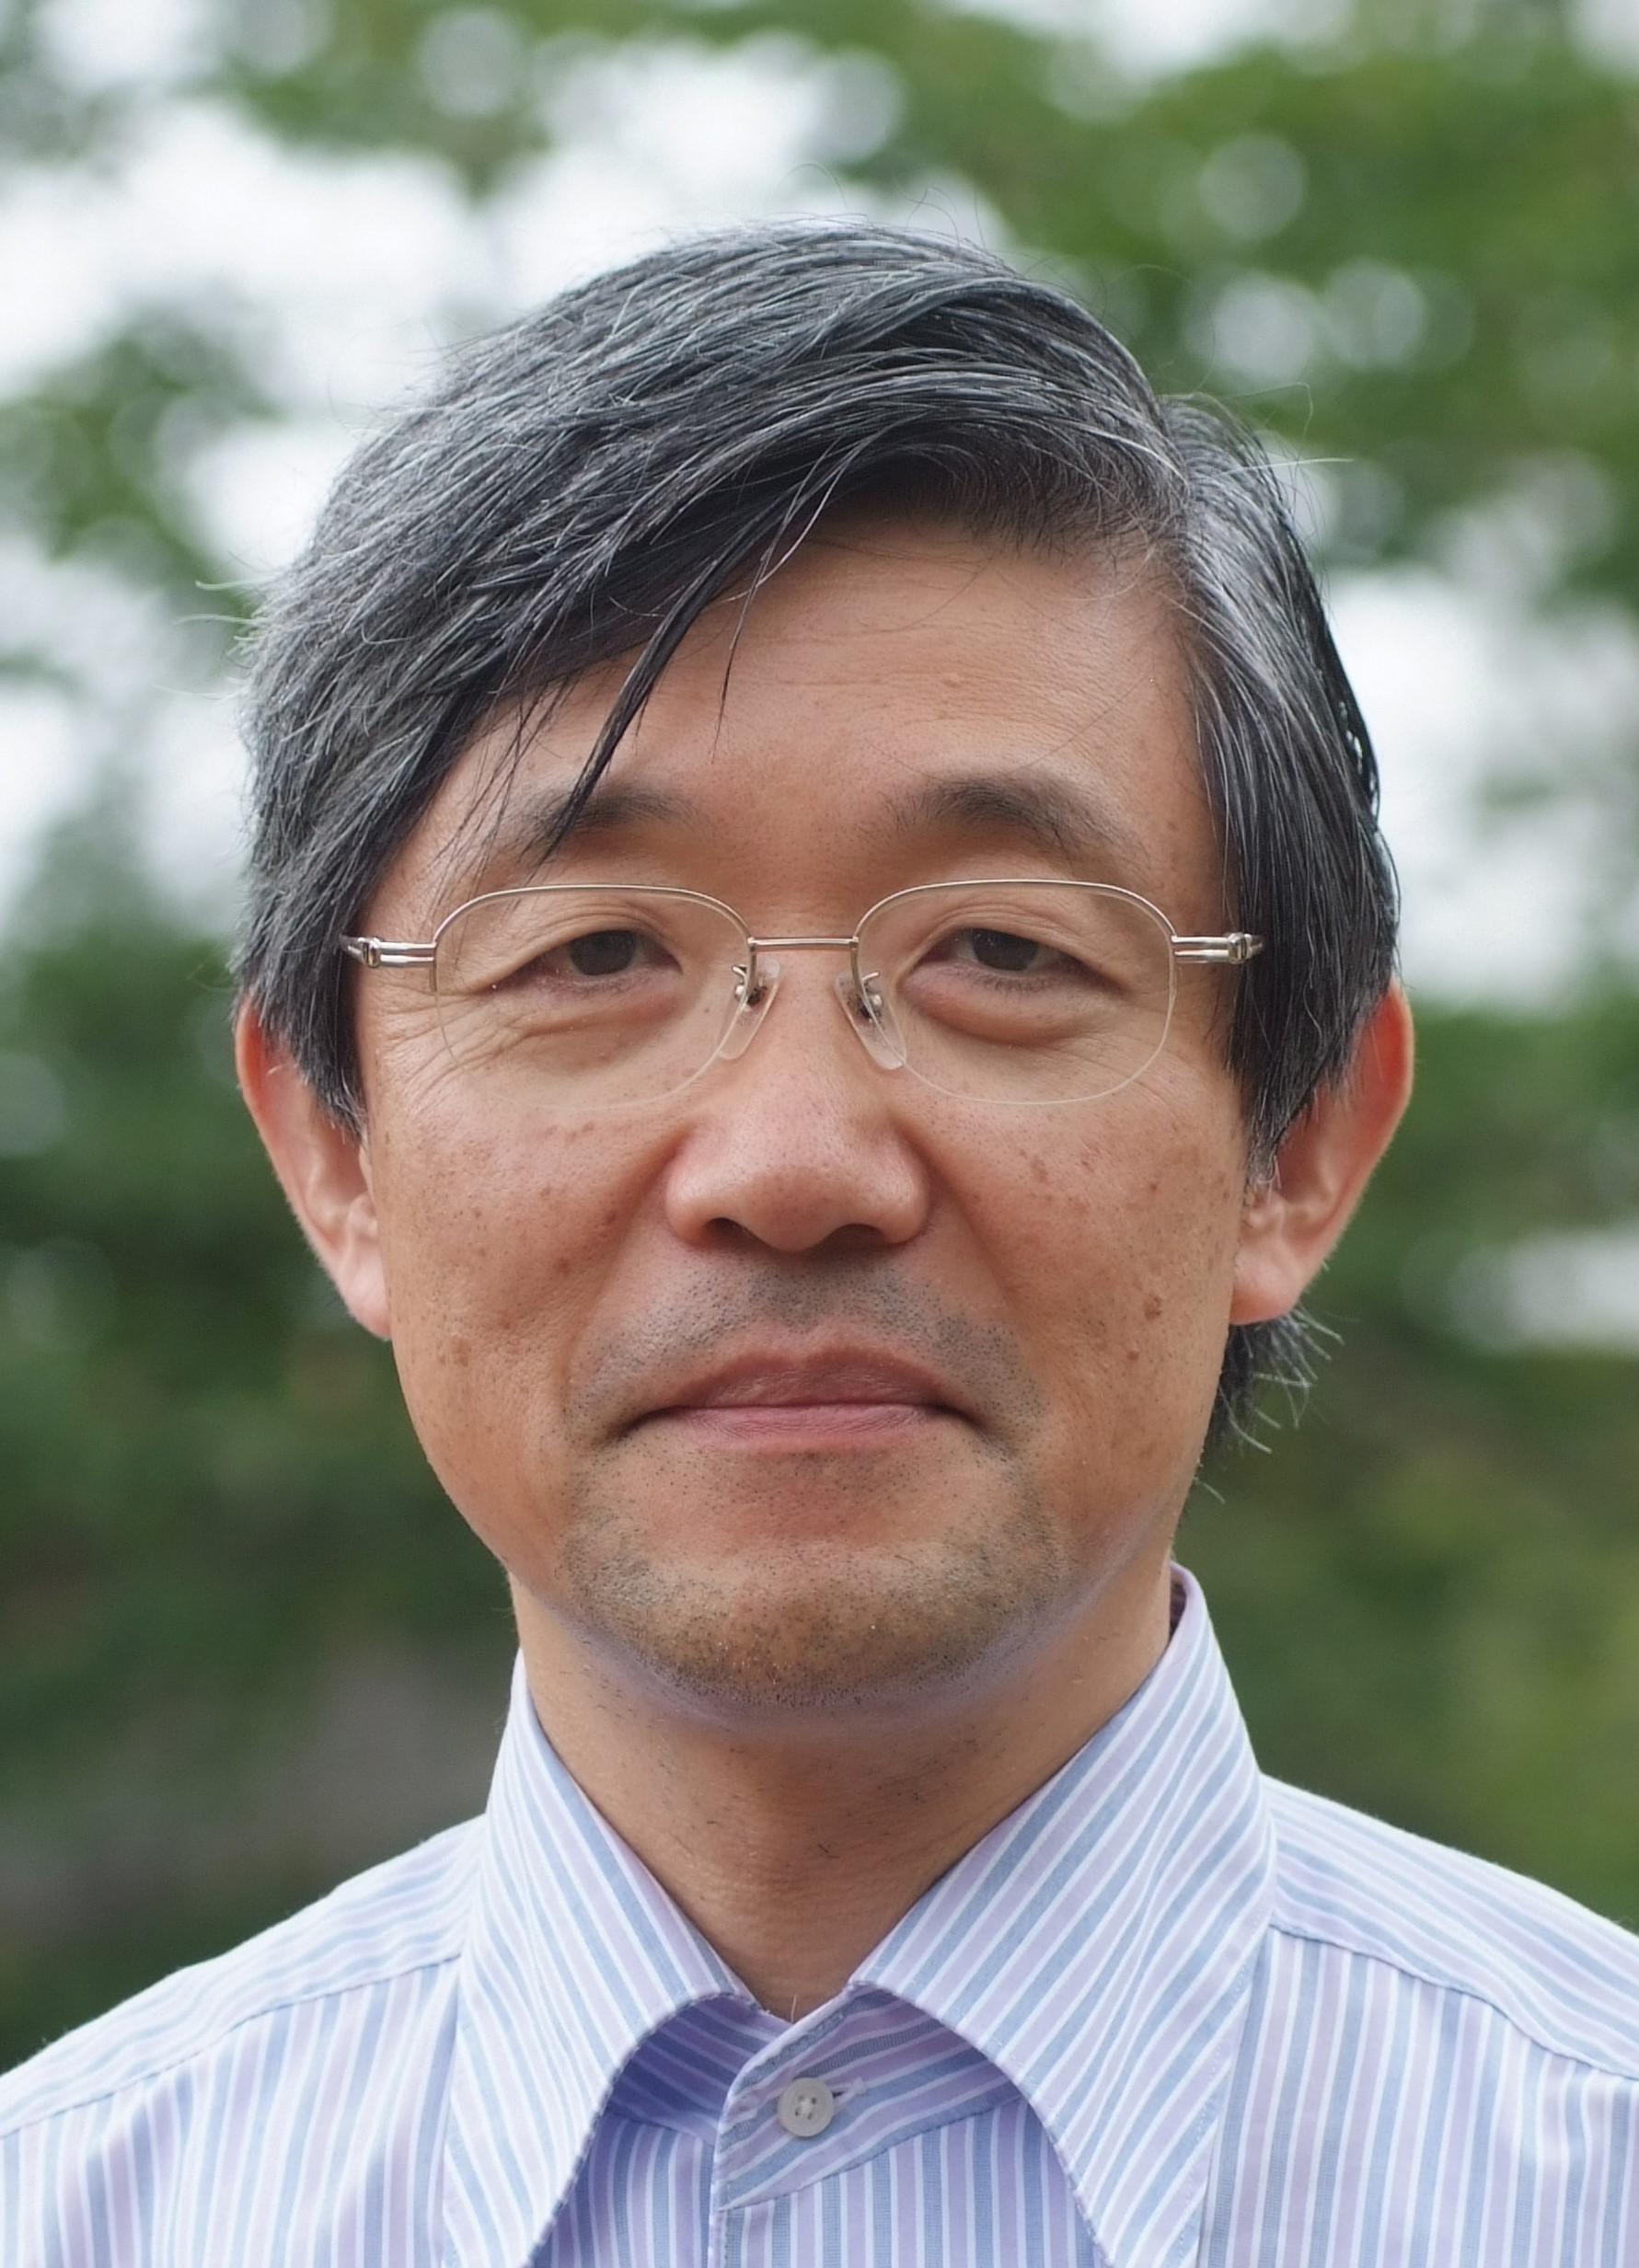 Eiji Ohtani